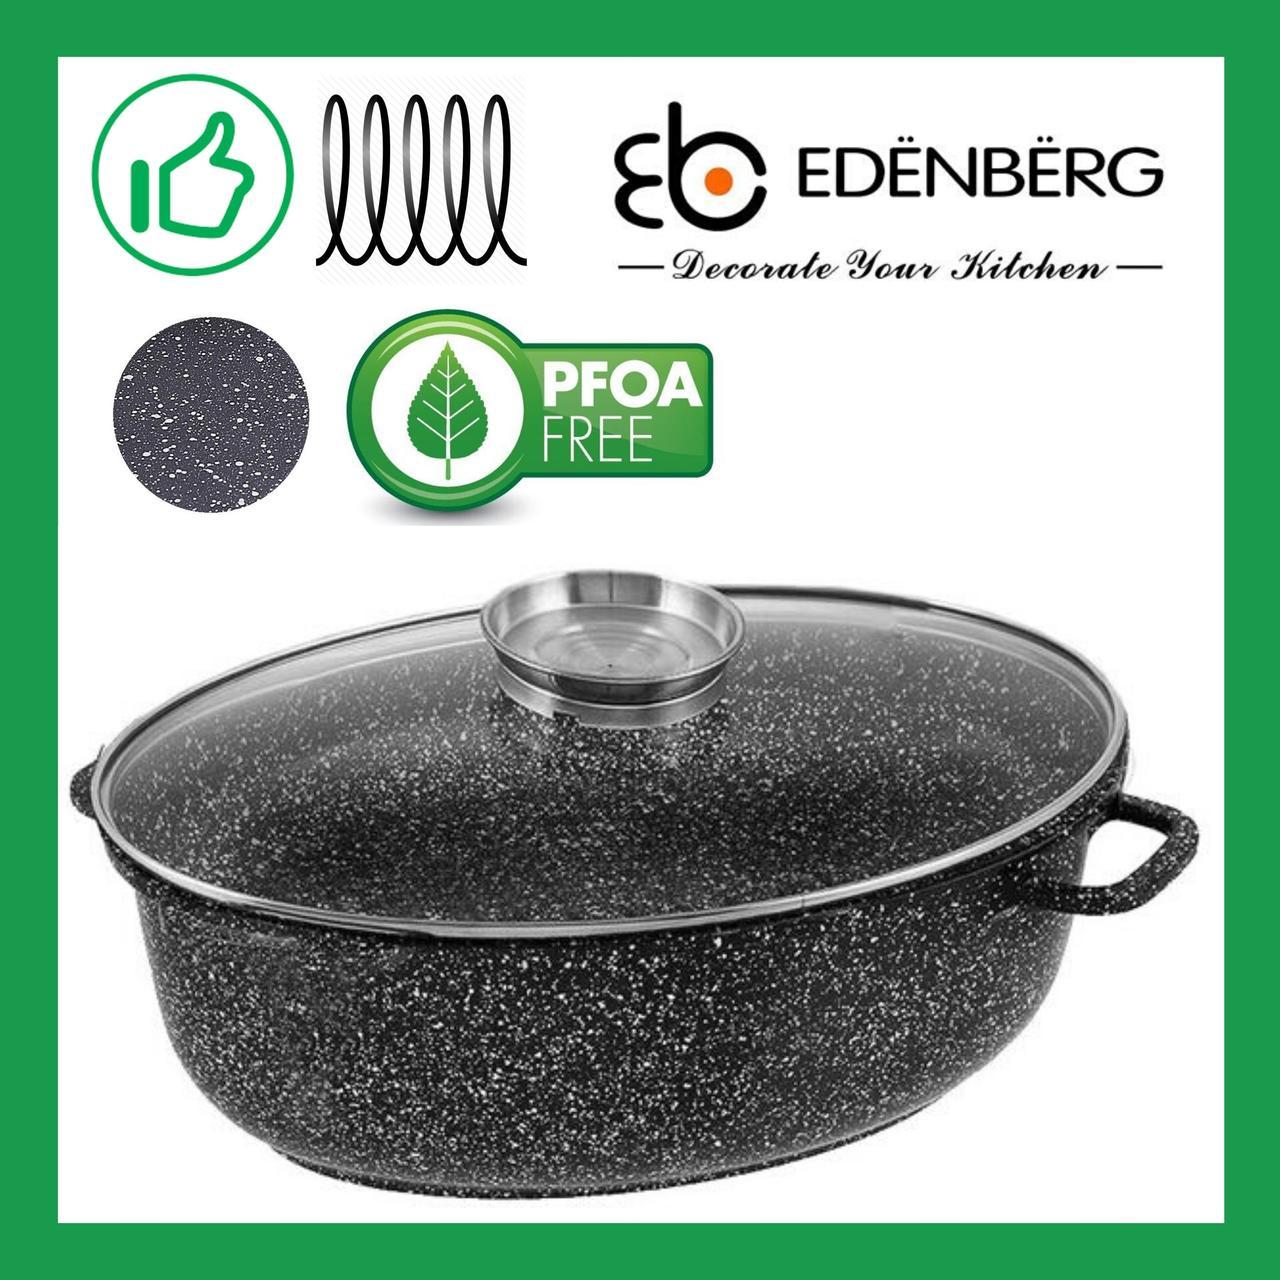 Гусятница из литого алюминия с мраморным покрытием Edenberg 8л (EB-4603)